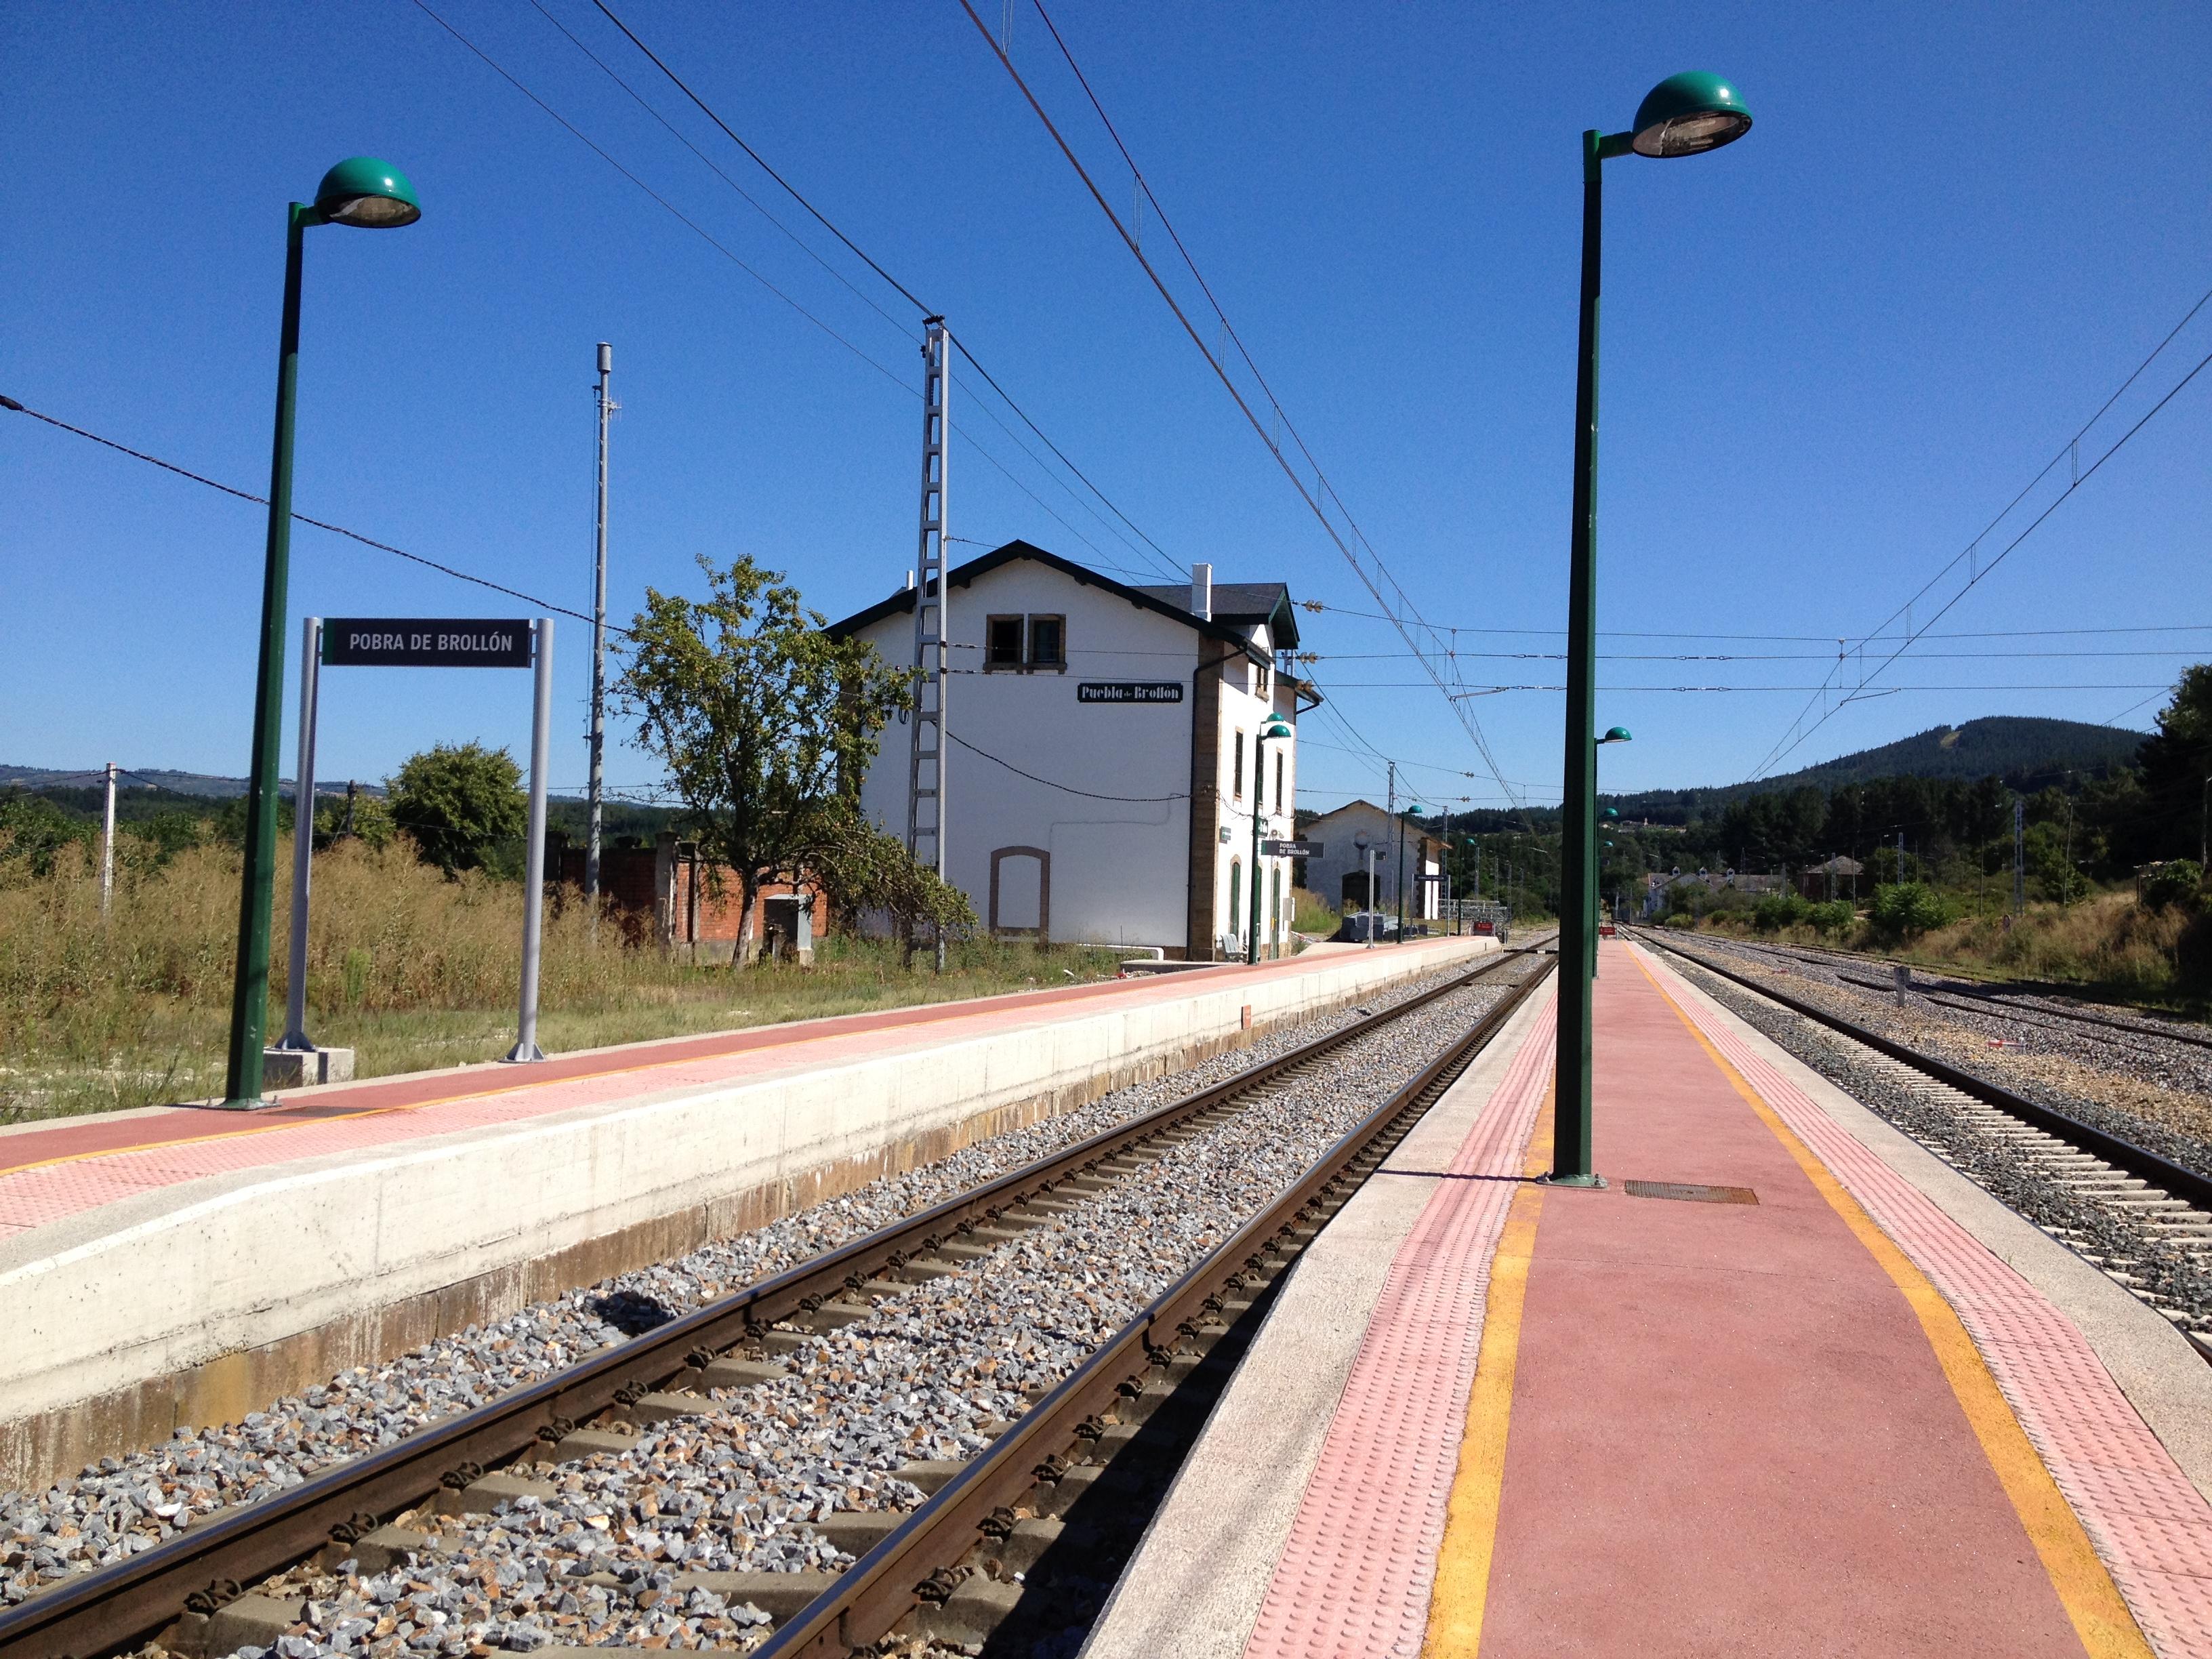 Estación da Pobra do Brollón